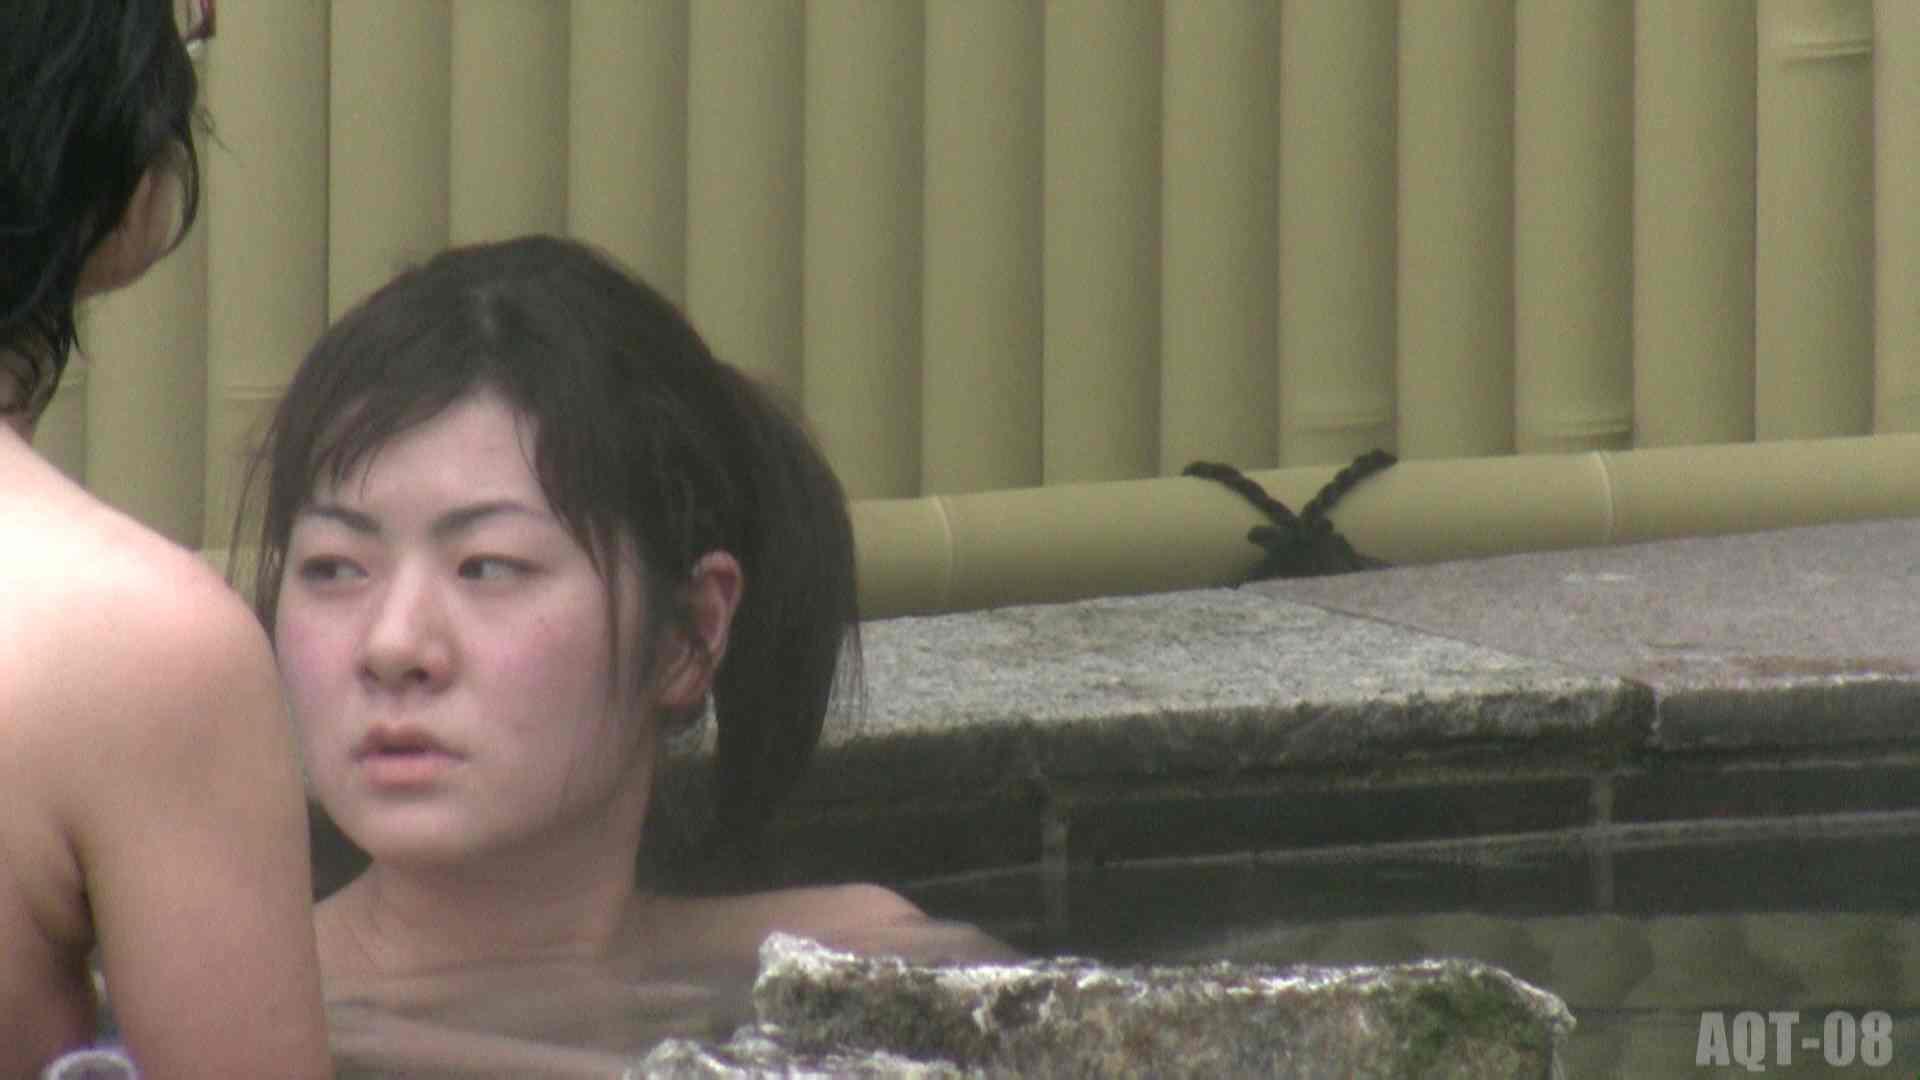 Aquaな露天風呂Vol.774 美しいOLの裸体 | 盗撮師作品  78pic 28